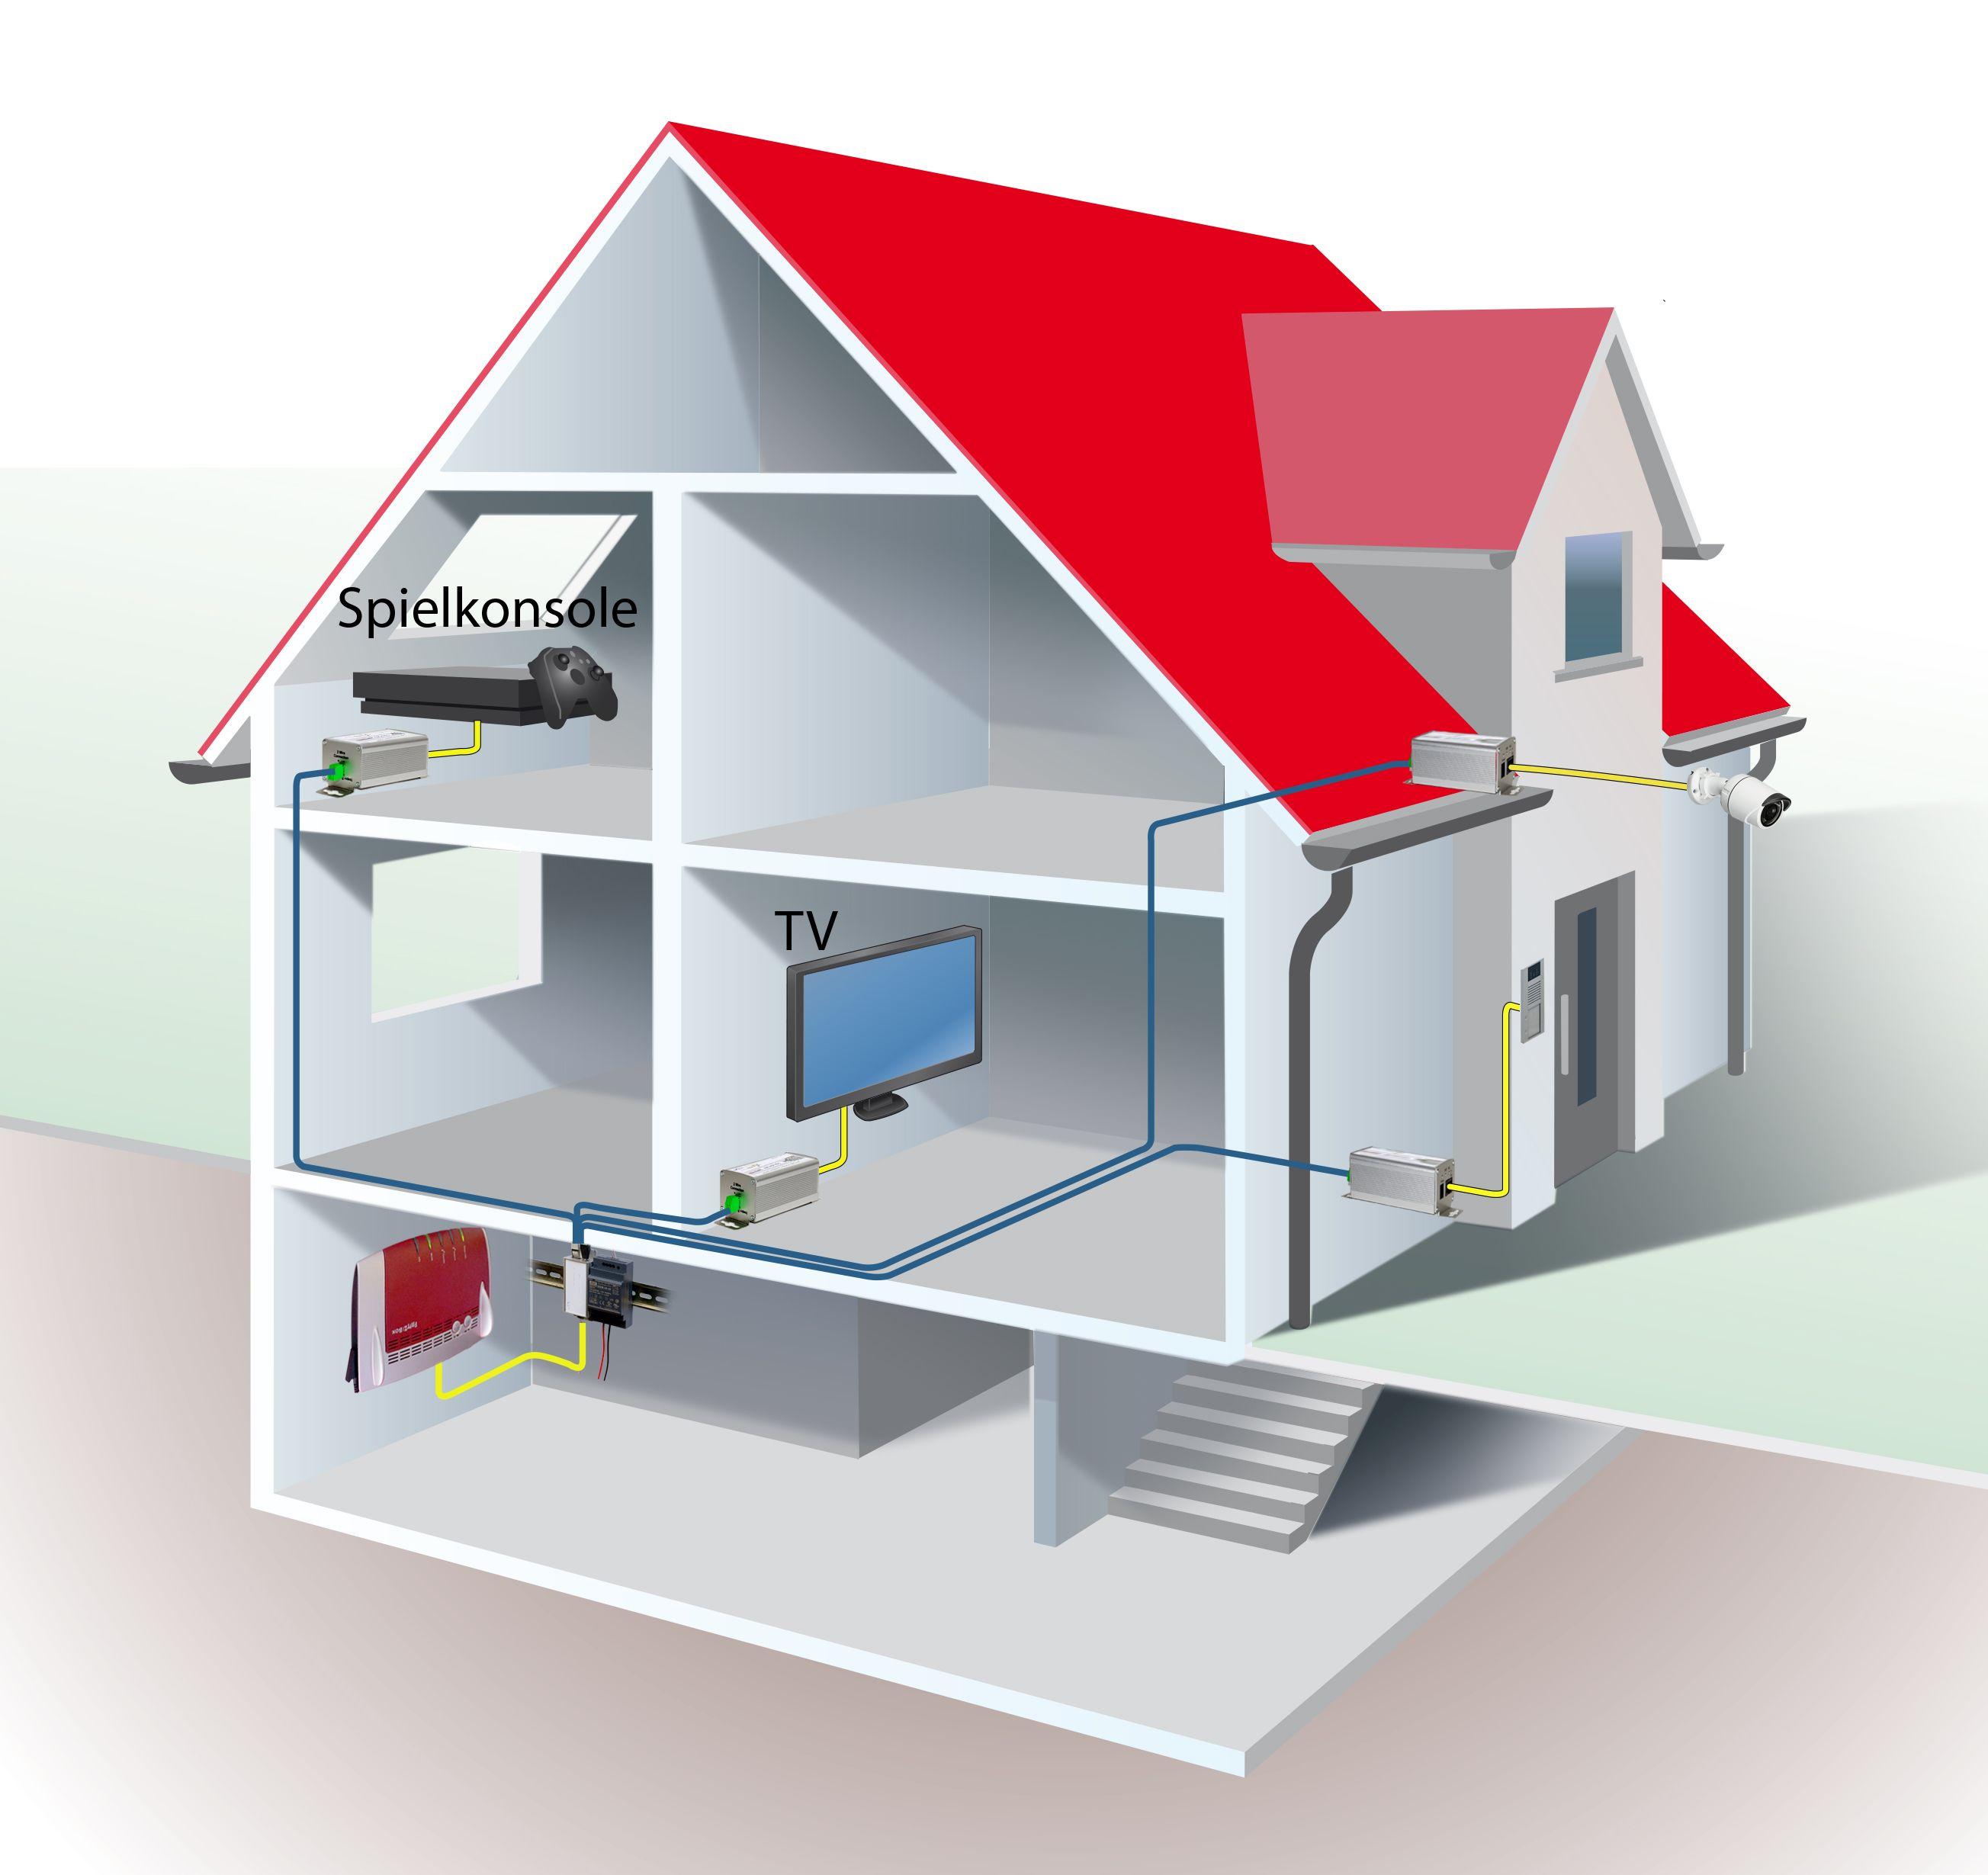 LAN im Haus ohne Bohren und Wände aufreißen. 2-Draht-LAN!